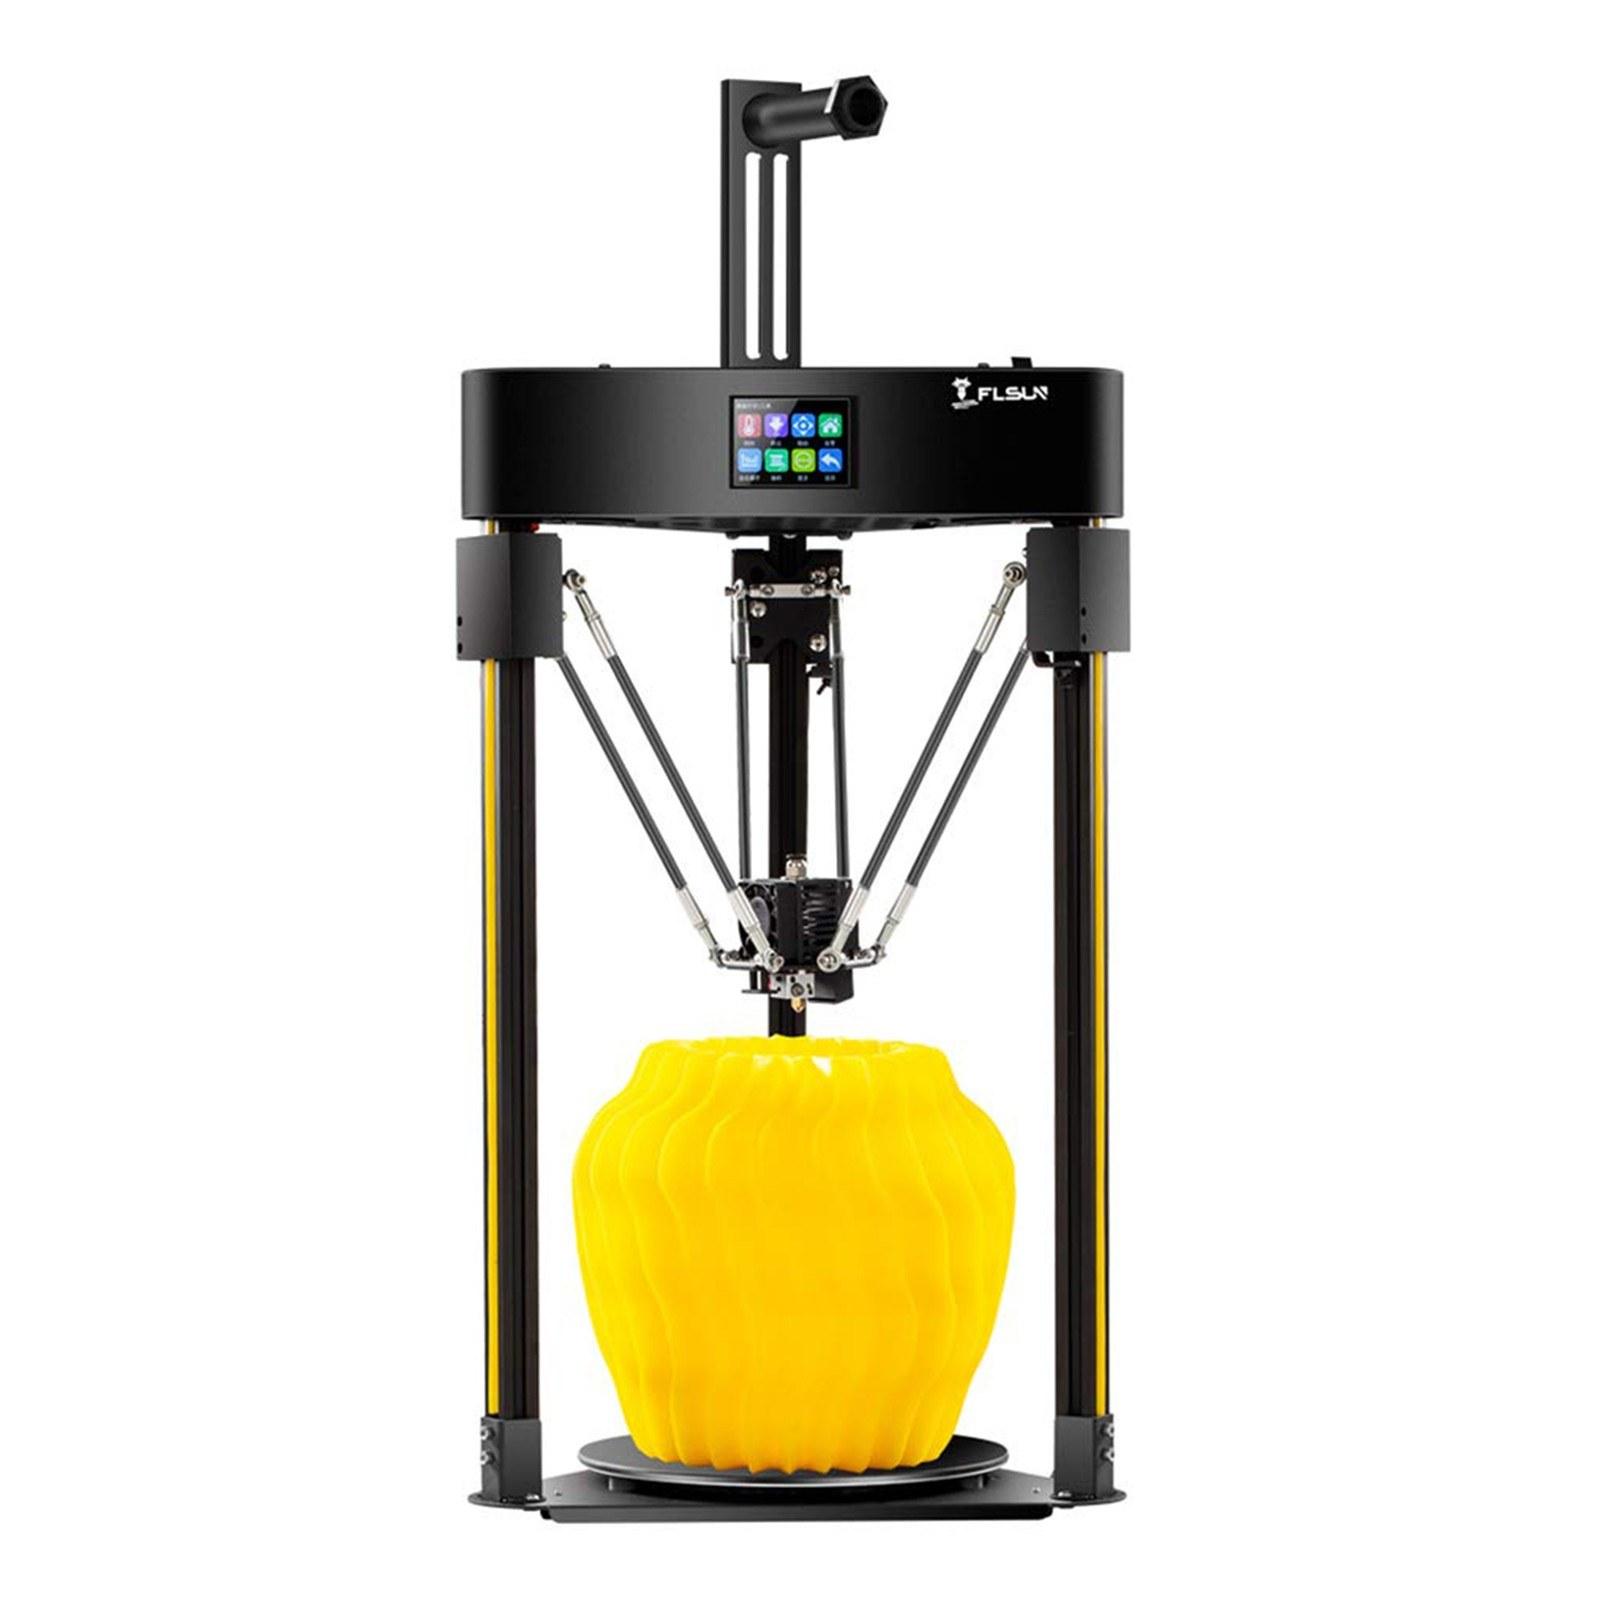 Tomtop - [EU Warehouse] $89 OFF FLSUN Q5 Delta 3D Printer, Free Shipping $235.28 (Inclusive of VAT)